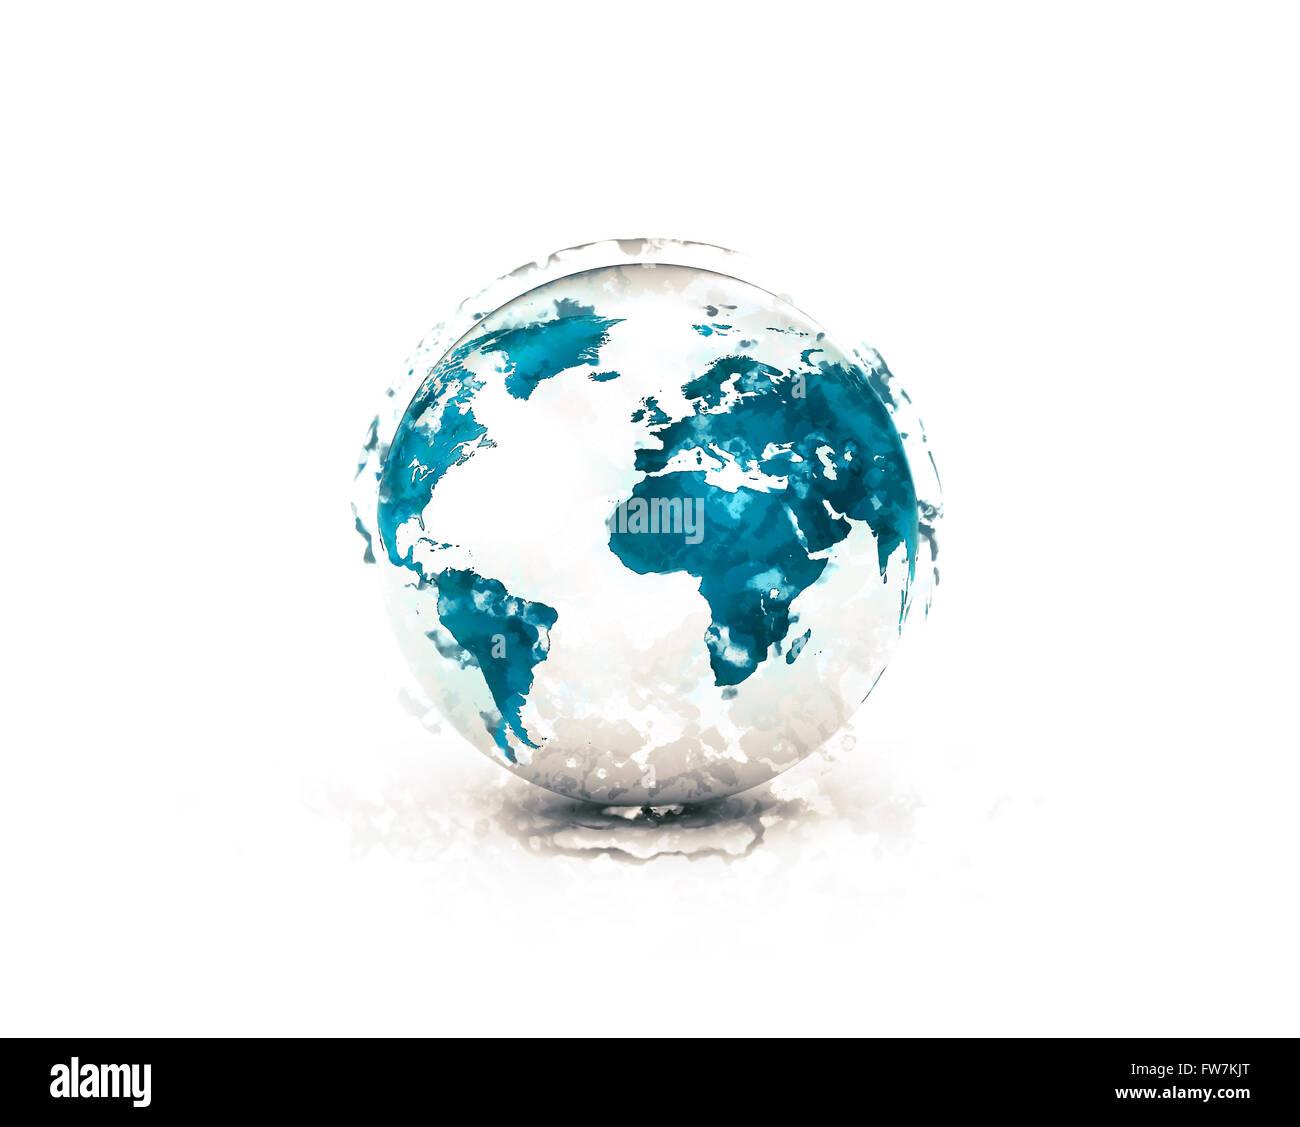 Creative Digital Art 3d World Map Globe Wallpaper Mikespike123